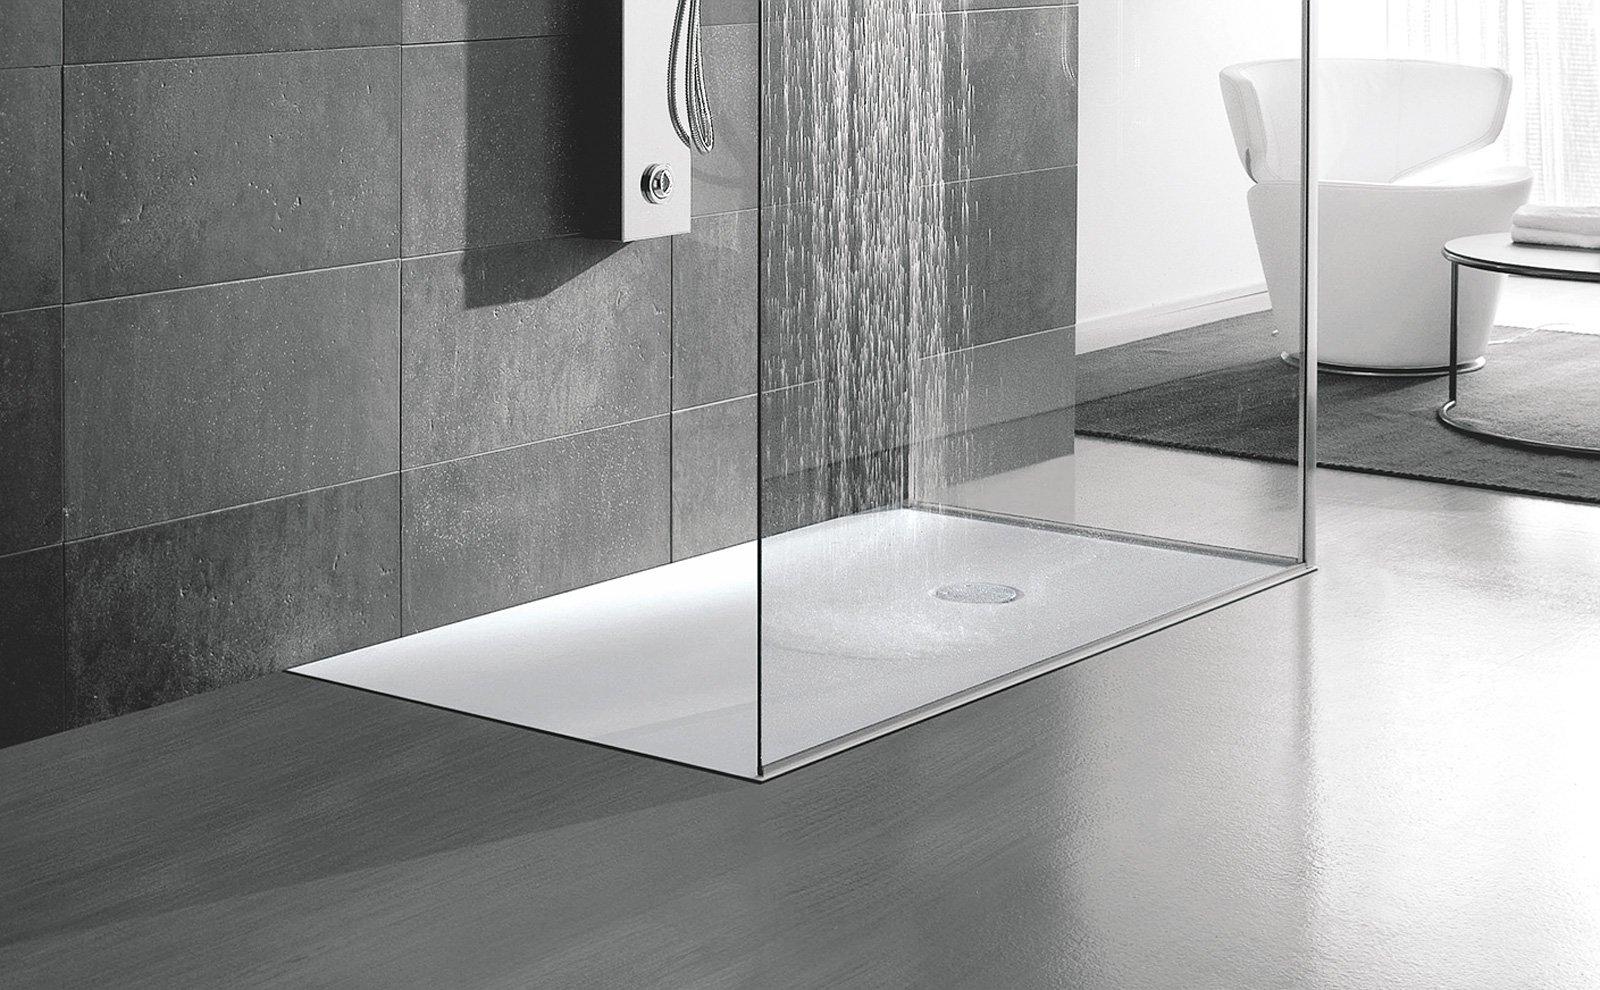 Piatti doccia a filo per un bagno trendy cose di casa - Piatto doccia piccole dimensioni ...